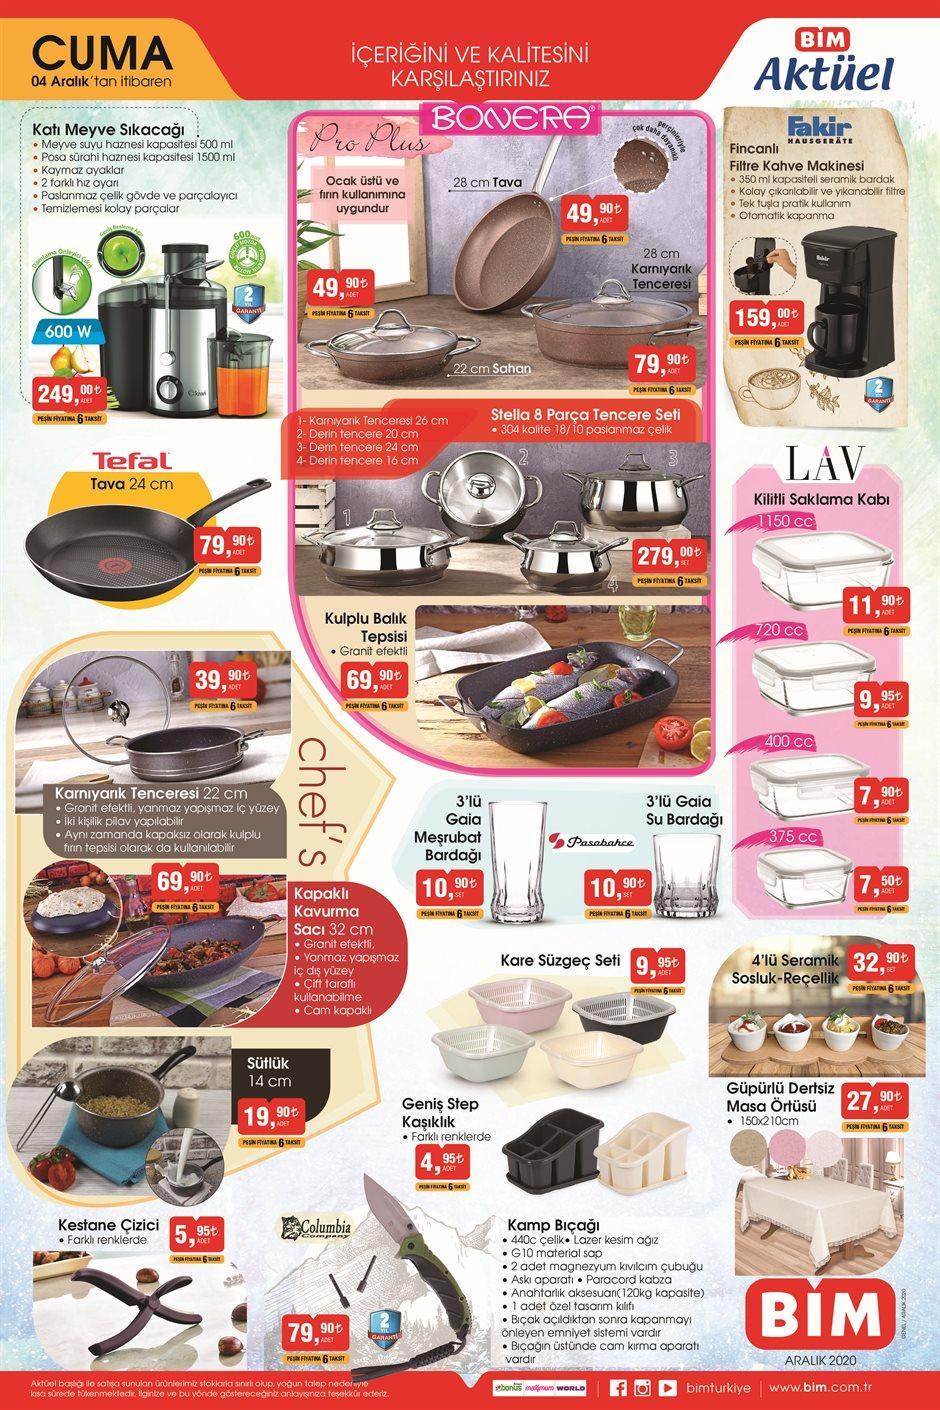 BİM Aktüel Haftanın Fırsatları 04 Aralık - 11 Aralık Sayfa:1